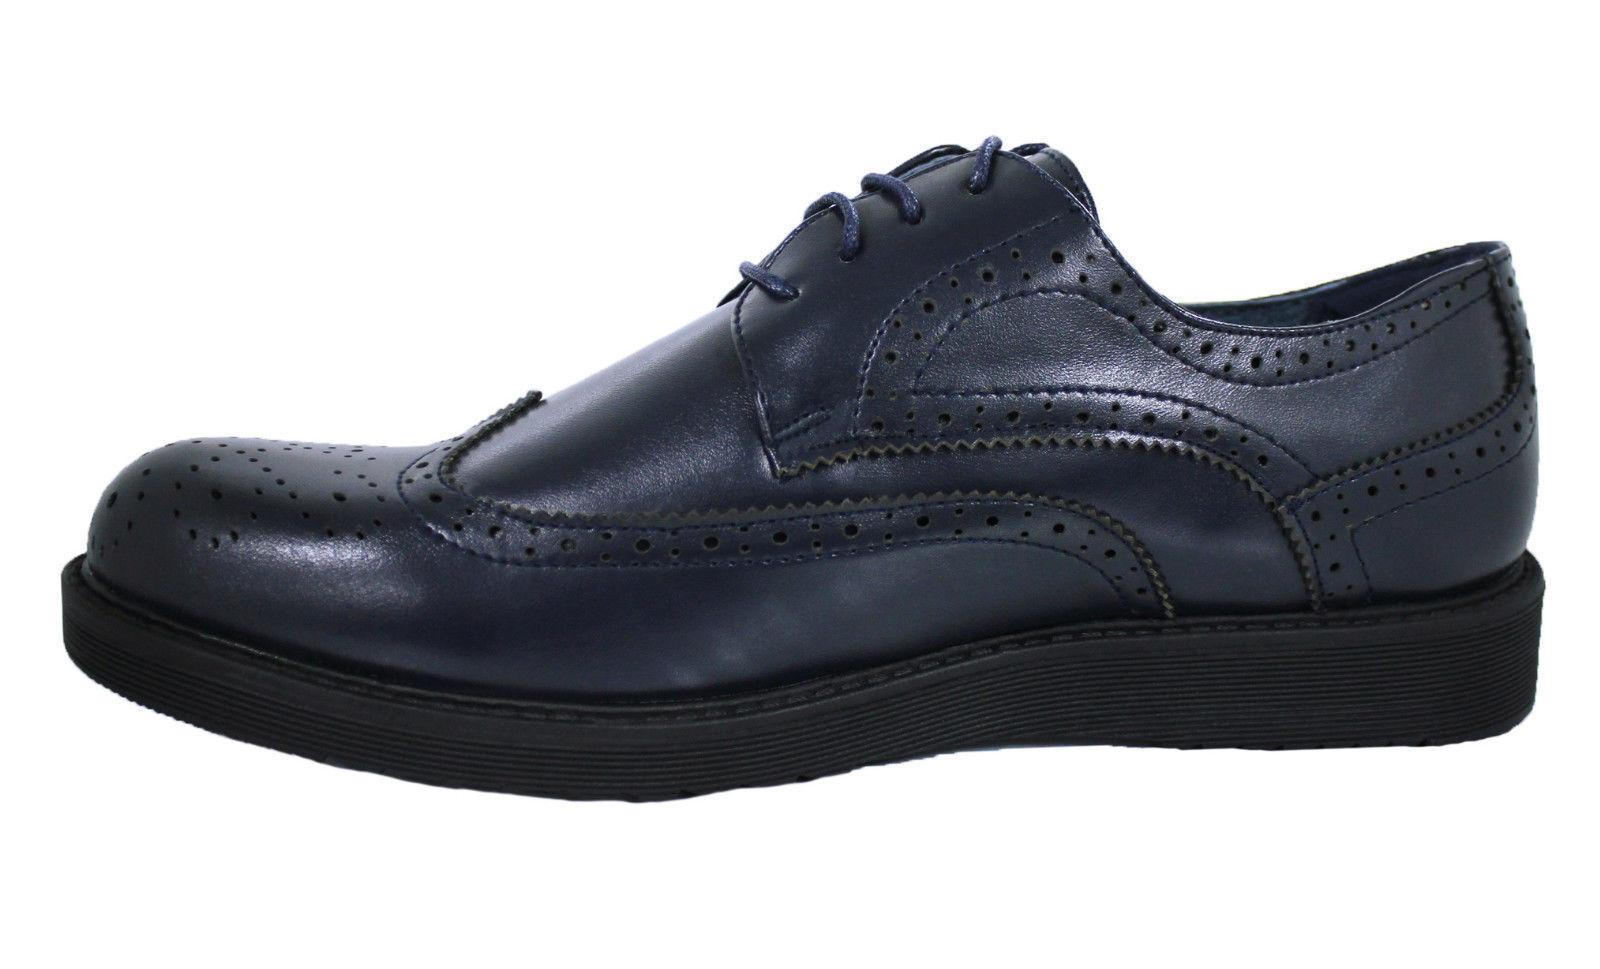 OXFORD HOMME shoes blue CUIR ÉCOLOGIQUE VERNIS CLASS ÉLÉGANT CASUAL